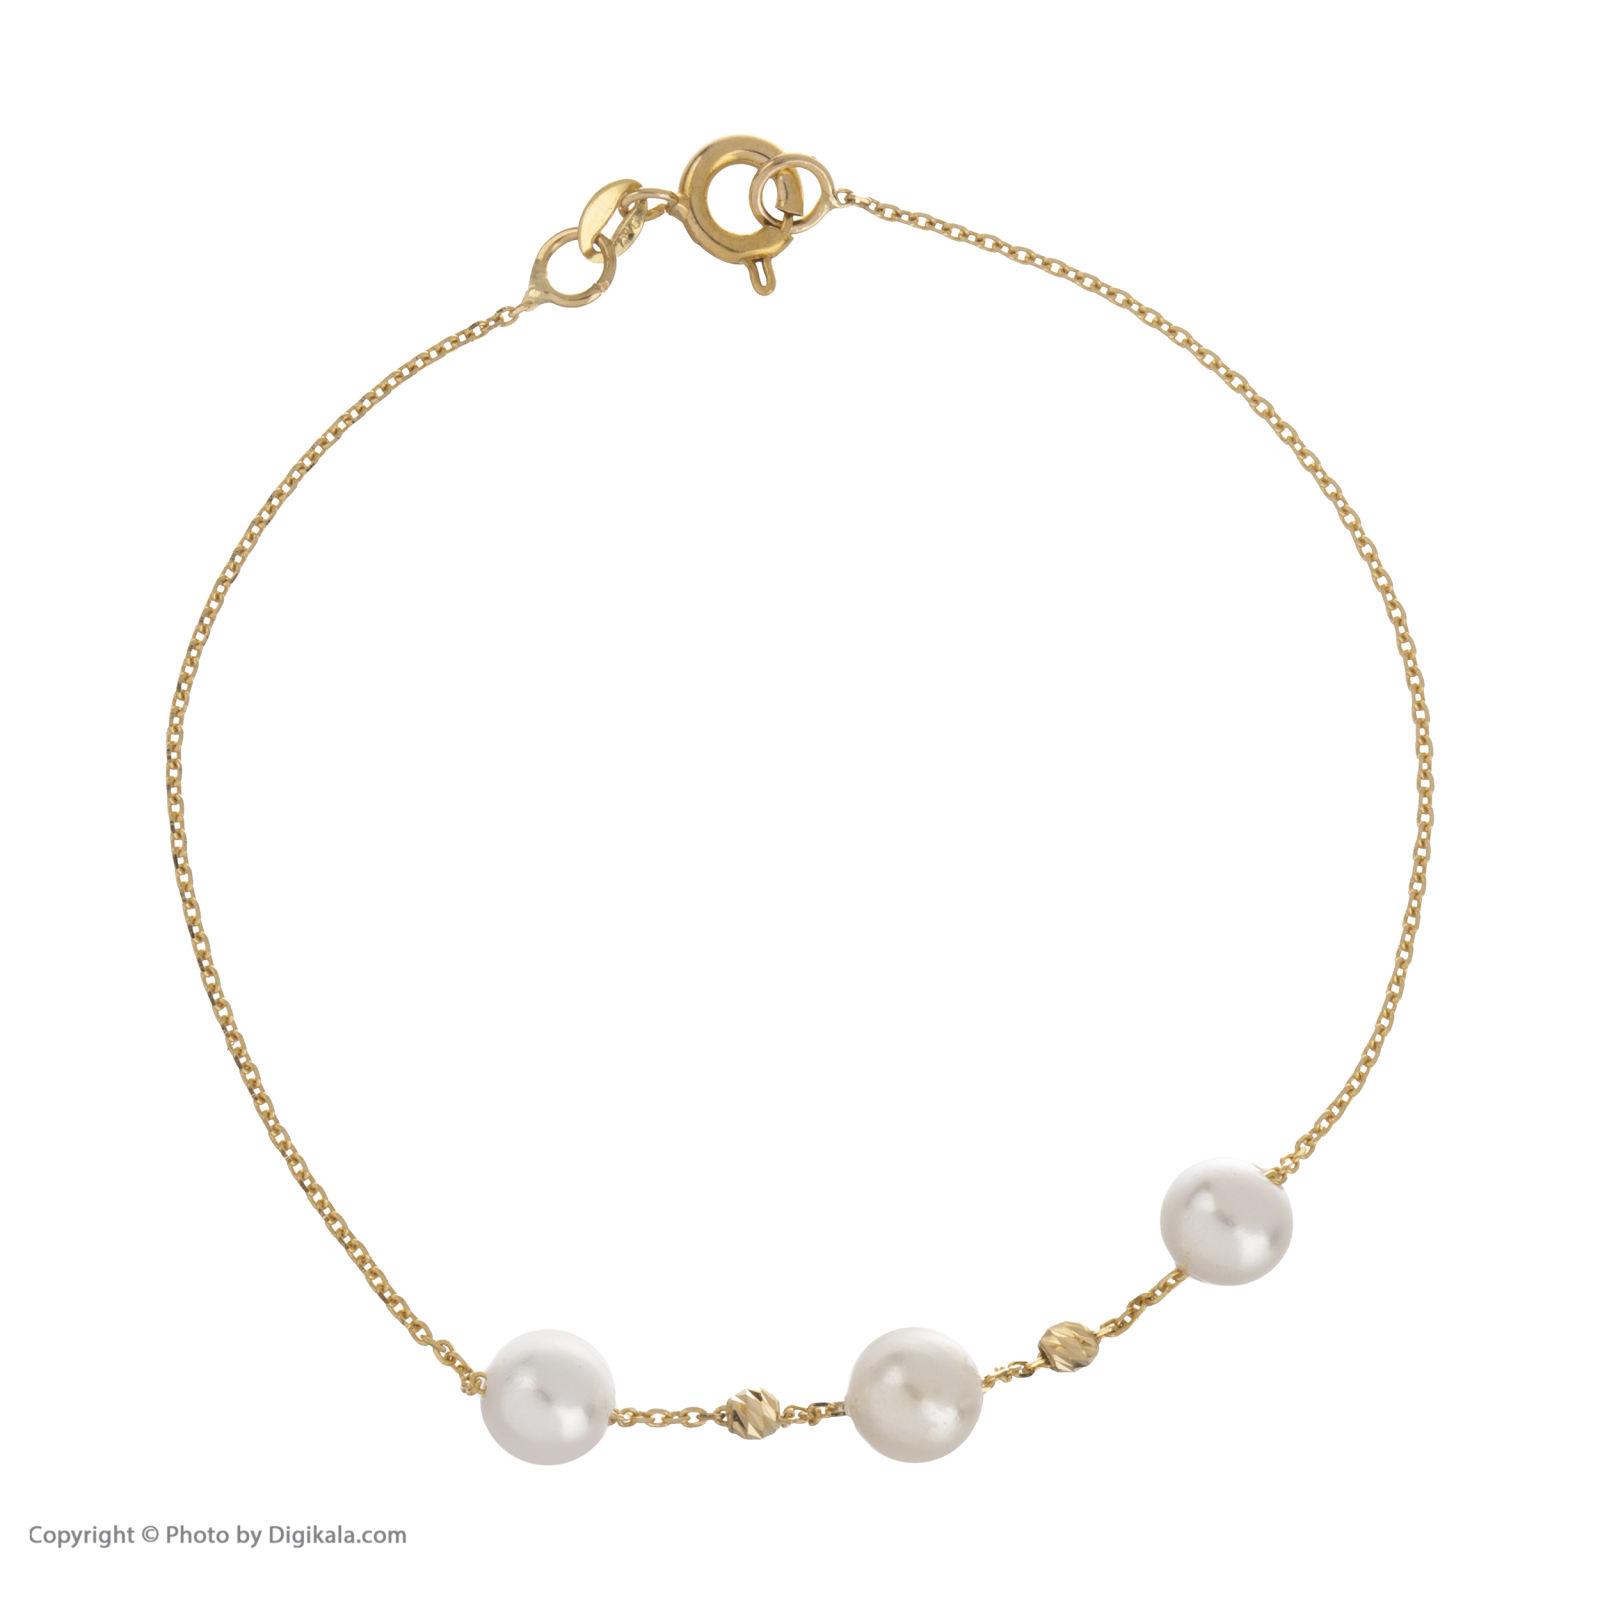 دستبند طلا 18 عیار زنانه مایا ماهک مدل ZMB1051 -  - 3